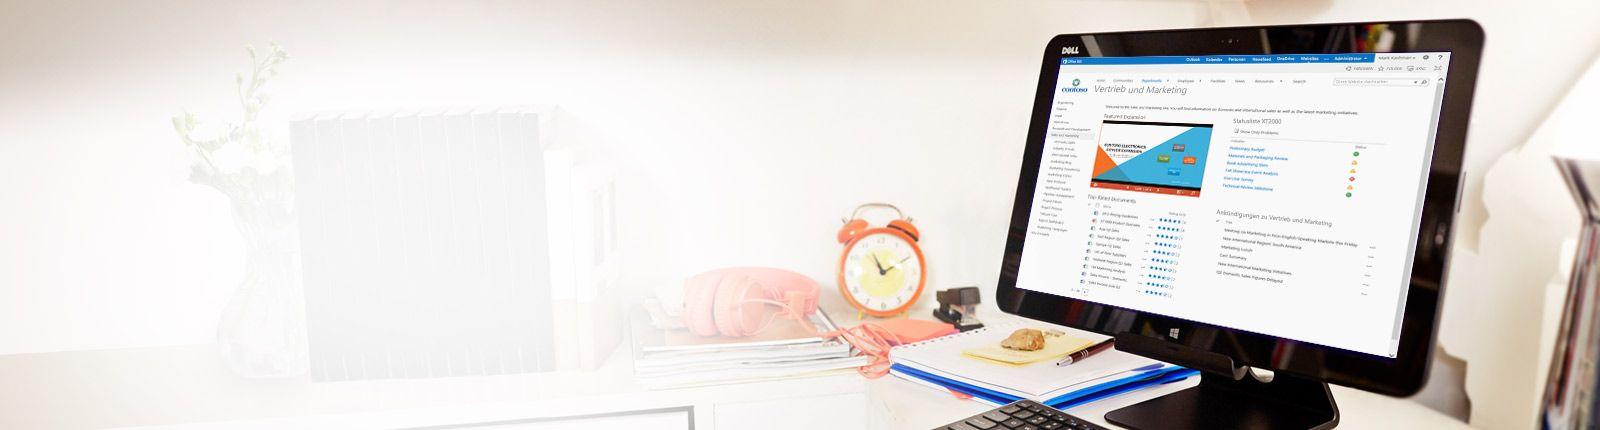 Ein Bildschirm auf einem Schreibtisch, auf dem gerade ein Vertriebs- und Marketingdokument in SharePoint angezeigt wird